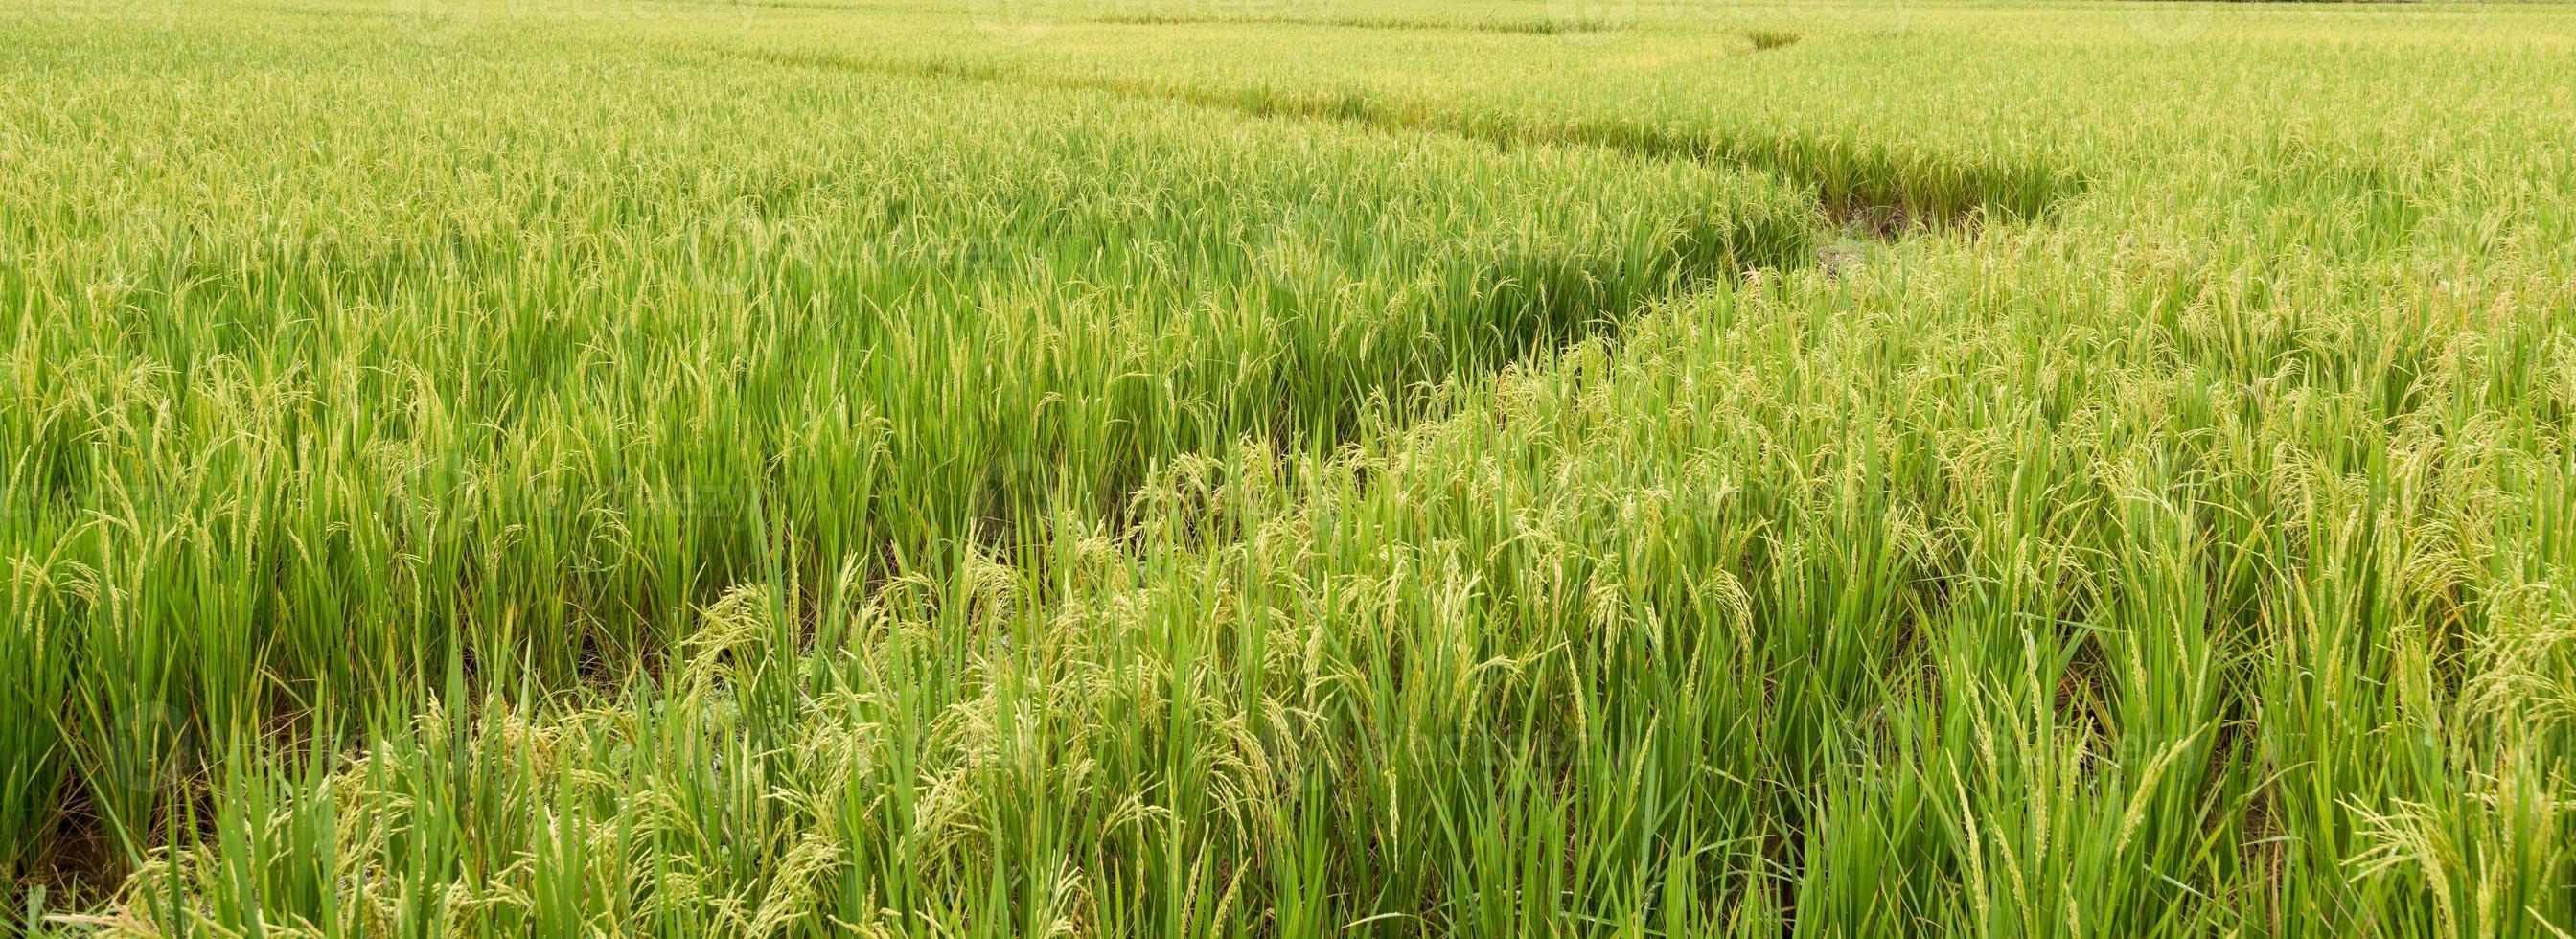 fattoria del riso foto